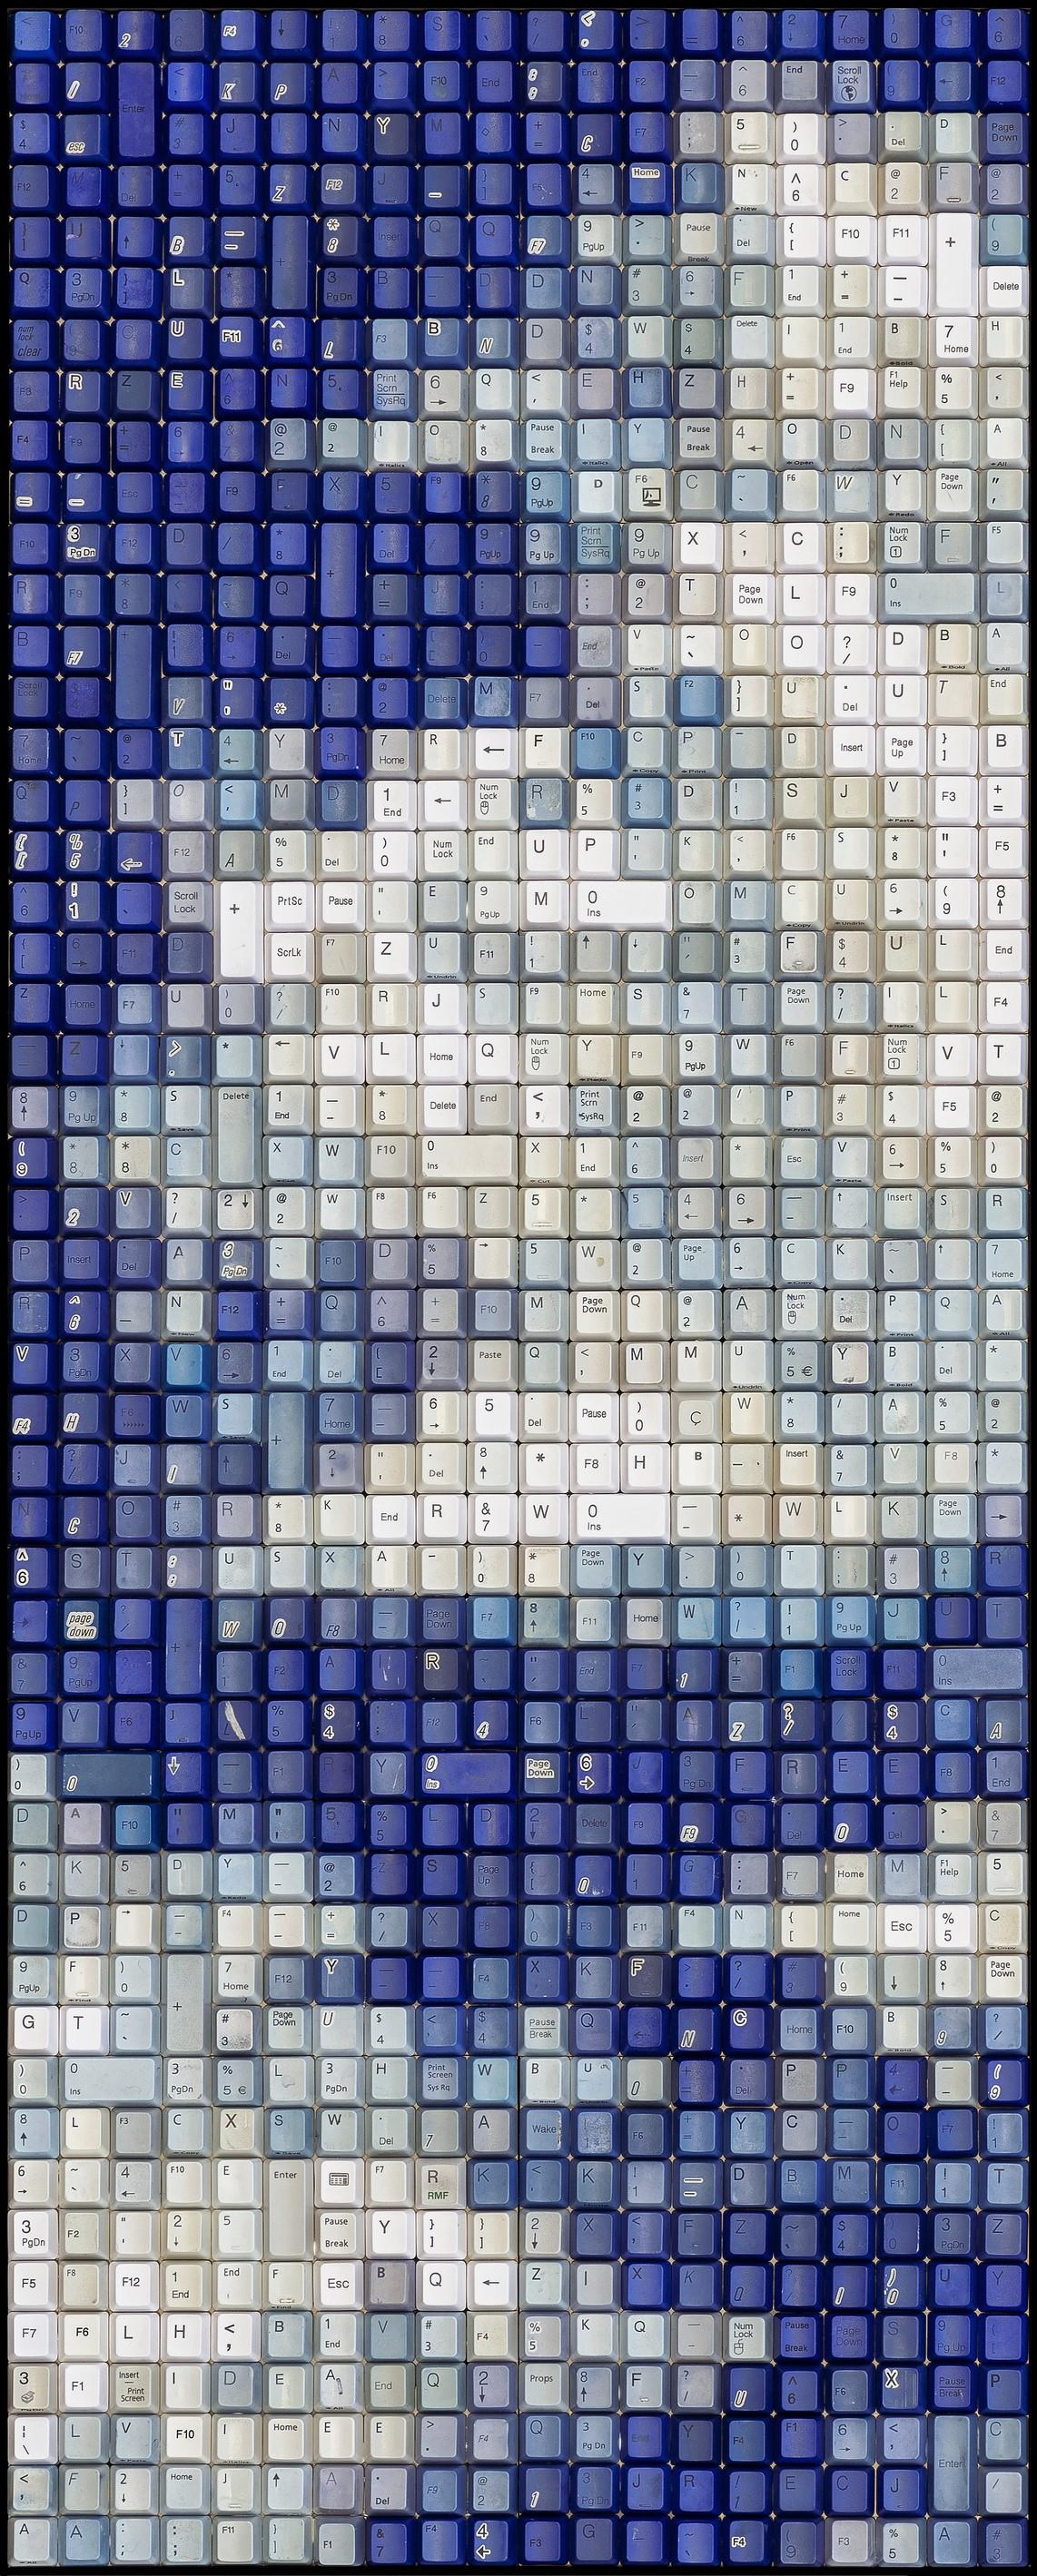 BLUE  | 15 x 36 in   ORIGINAL (SOLD)  |  PRINTS